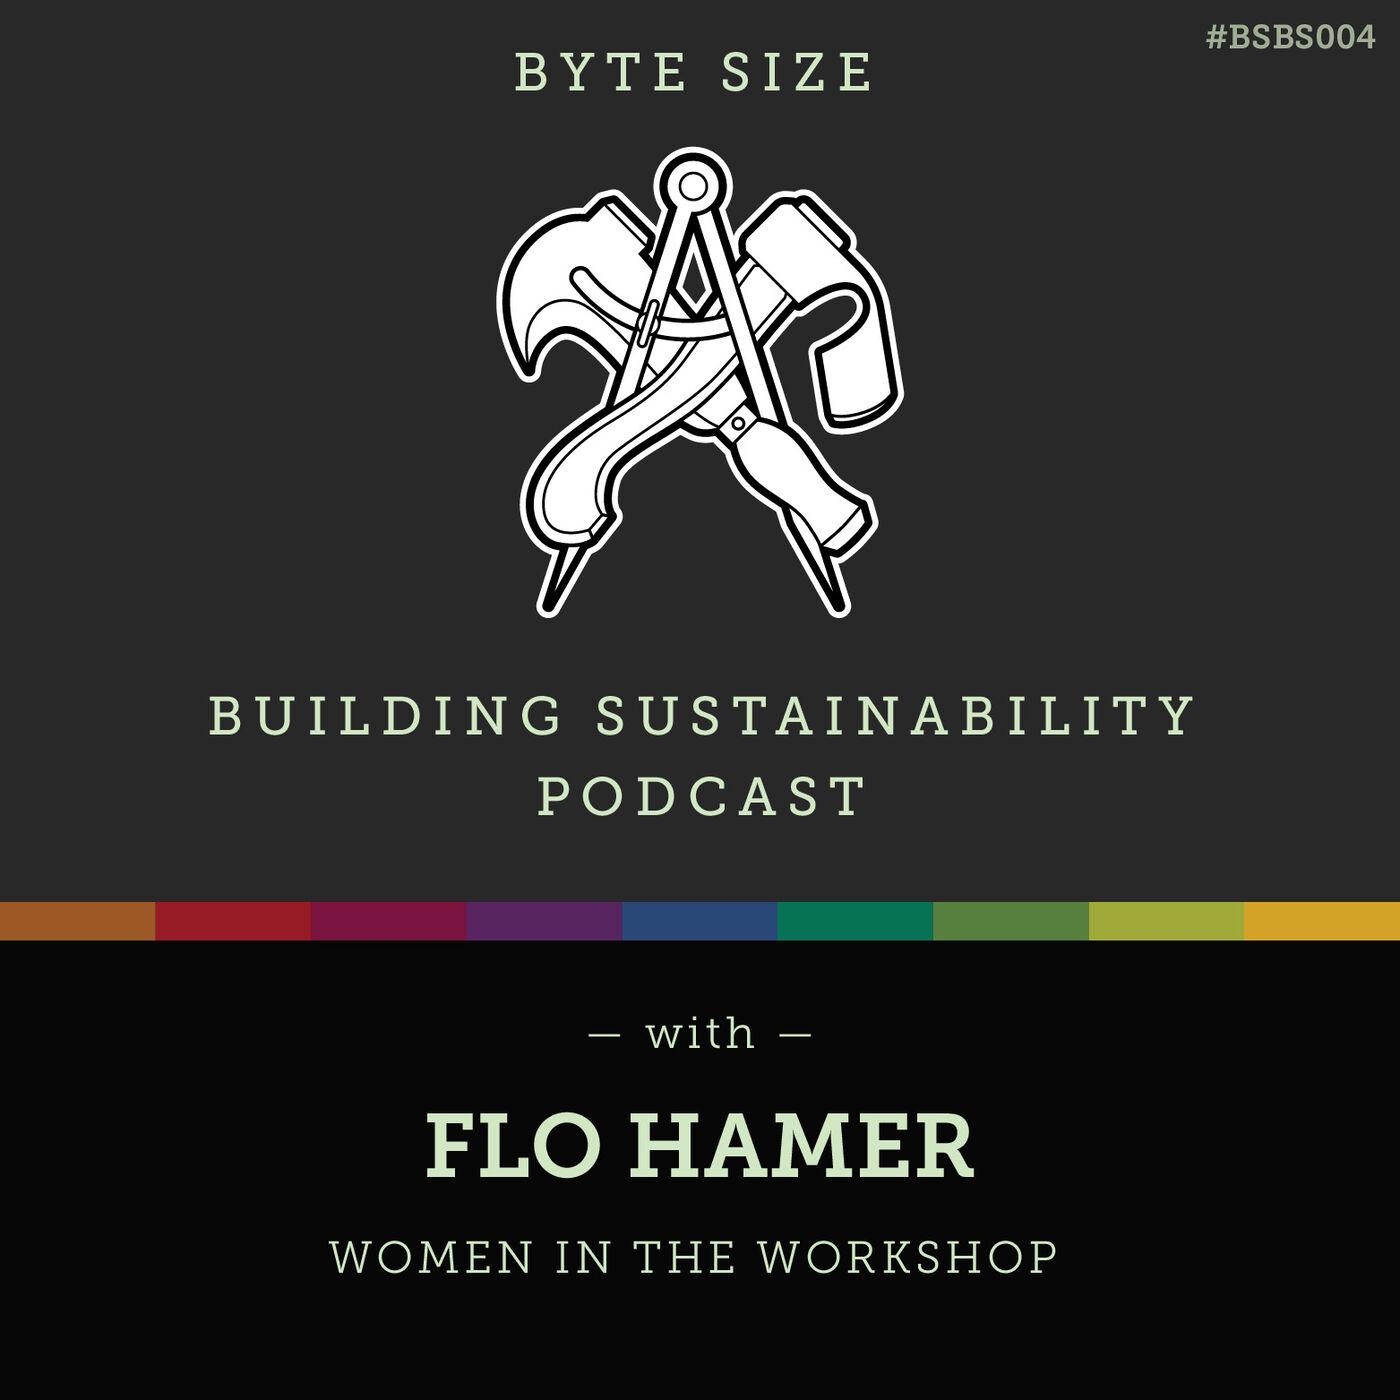 ByteSize - Women in the workshop - Flo Hamer - BSBS004